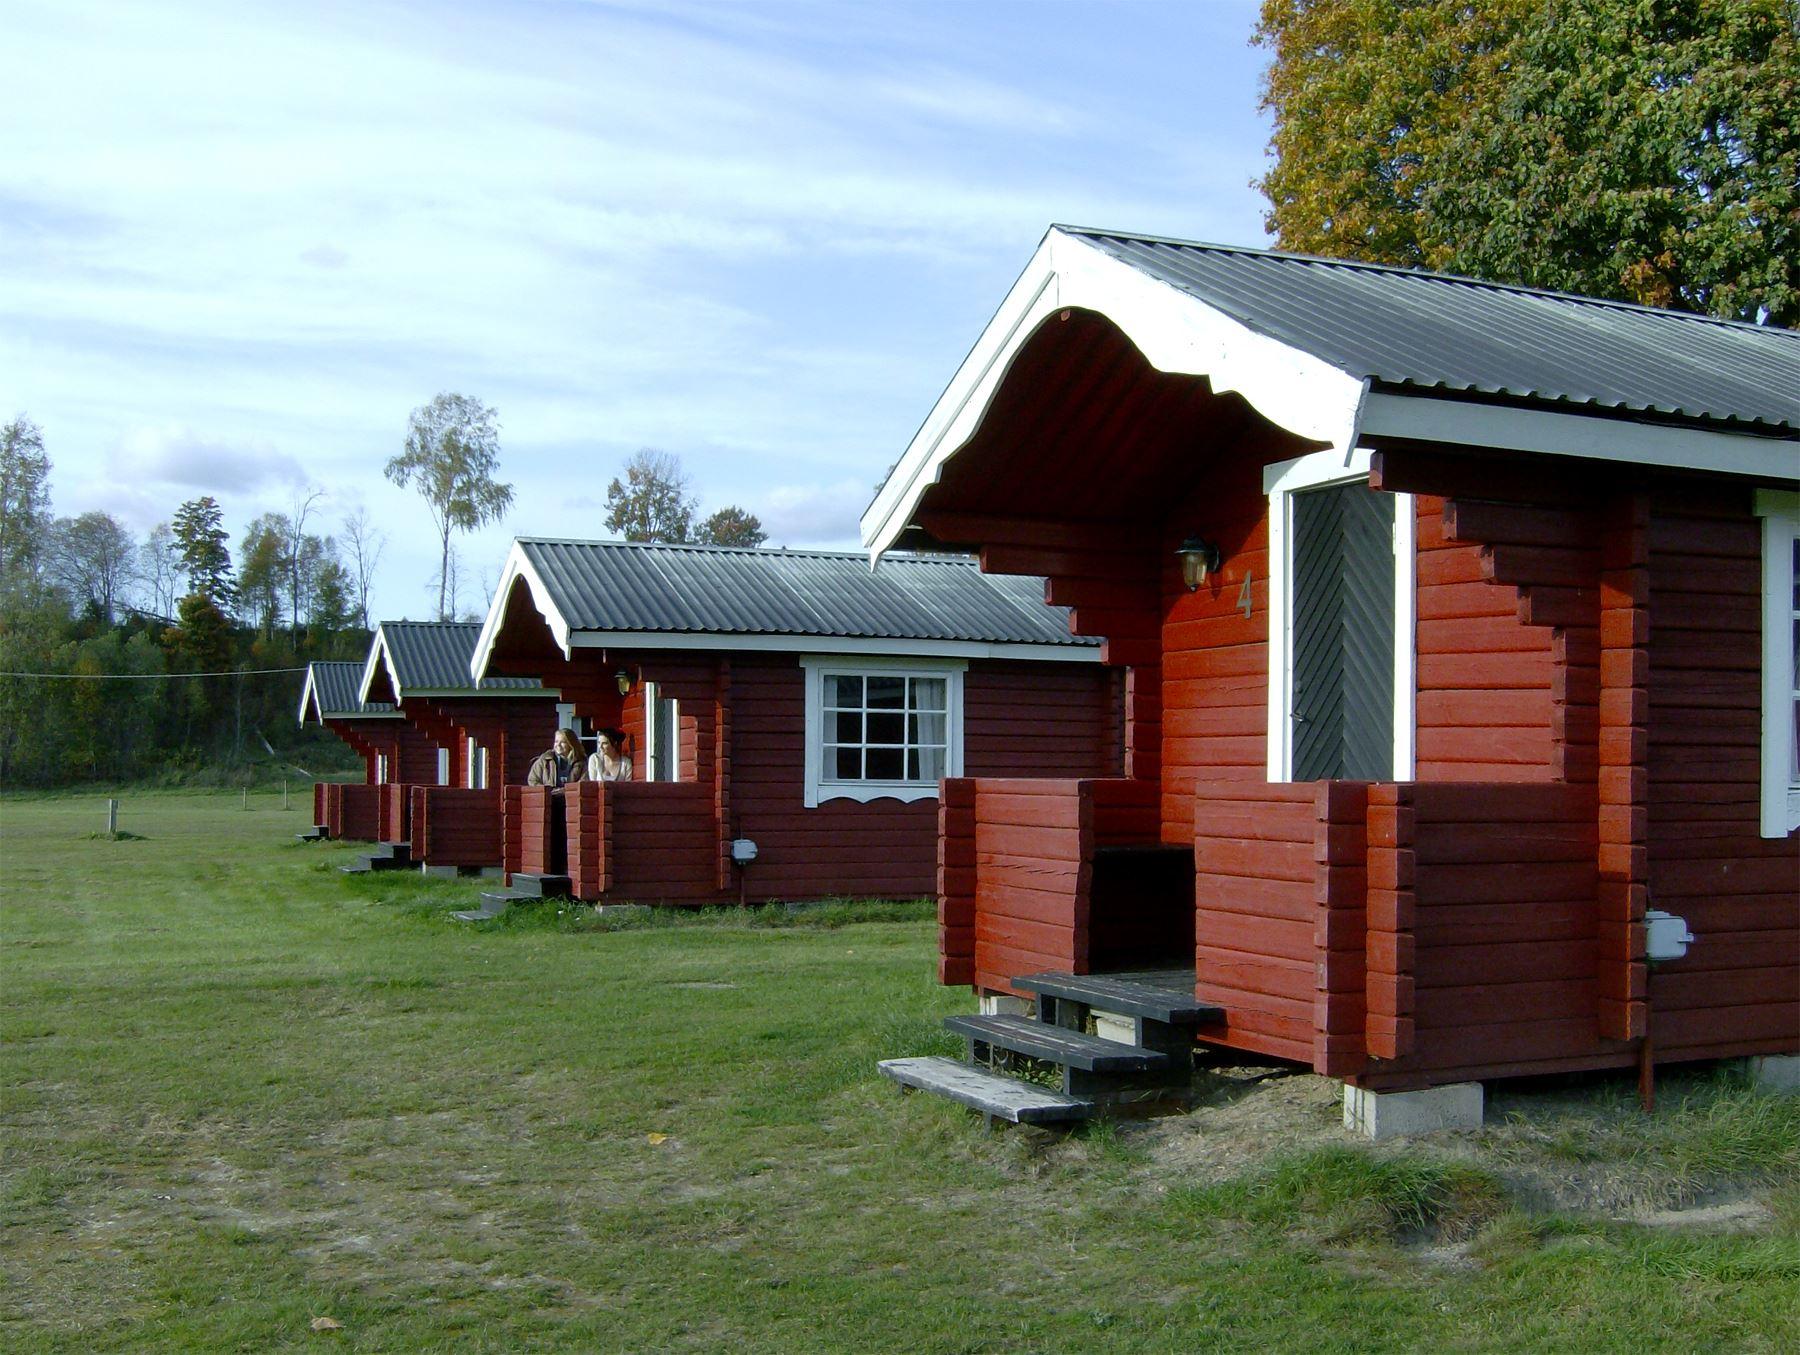 Storängens Camping & Stugor/Stugor